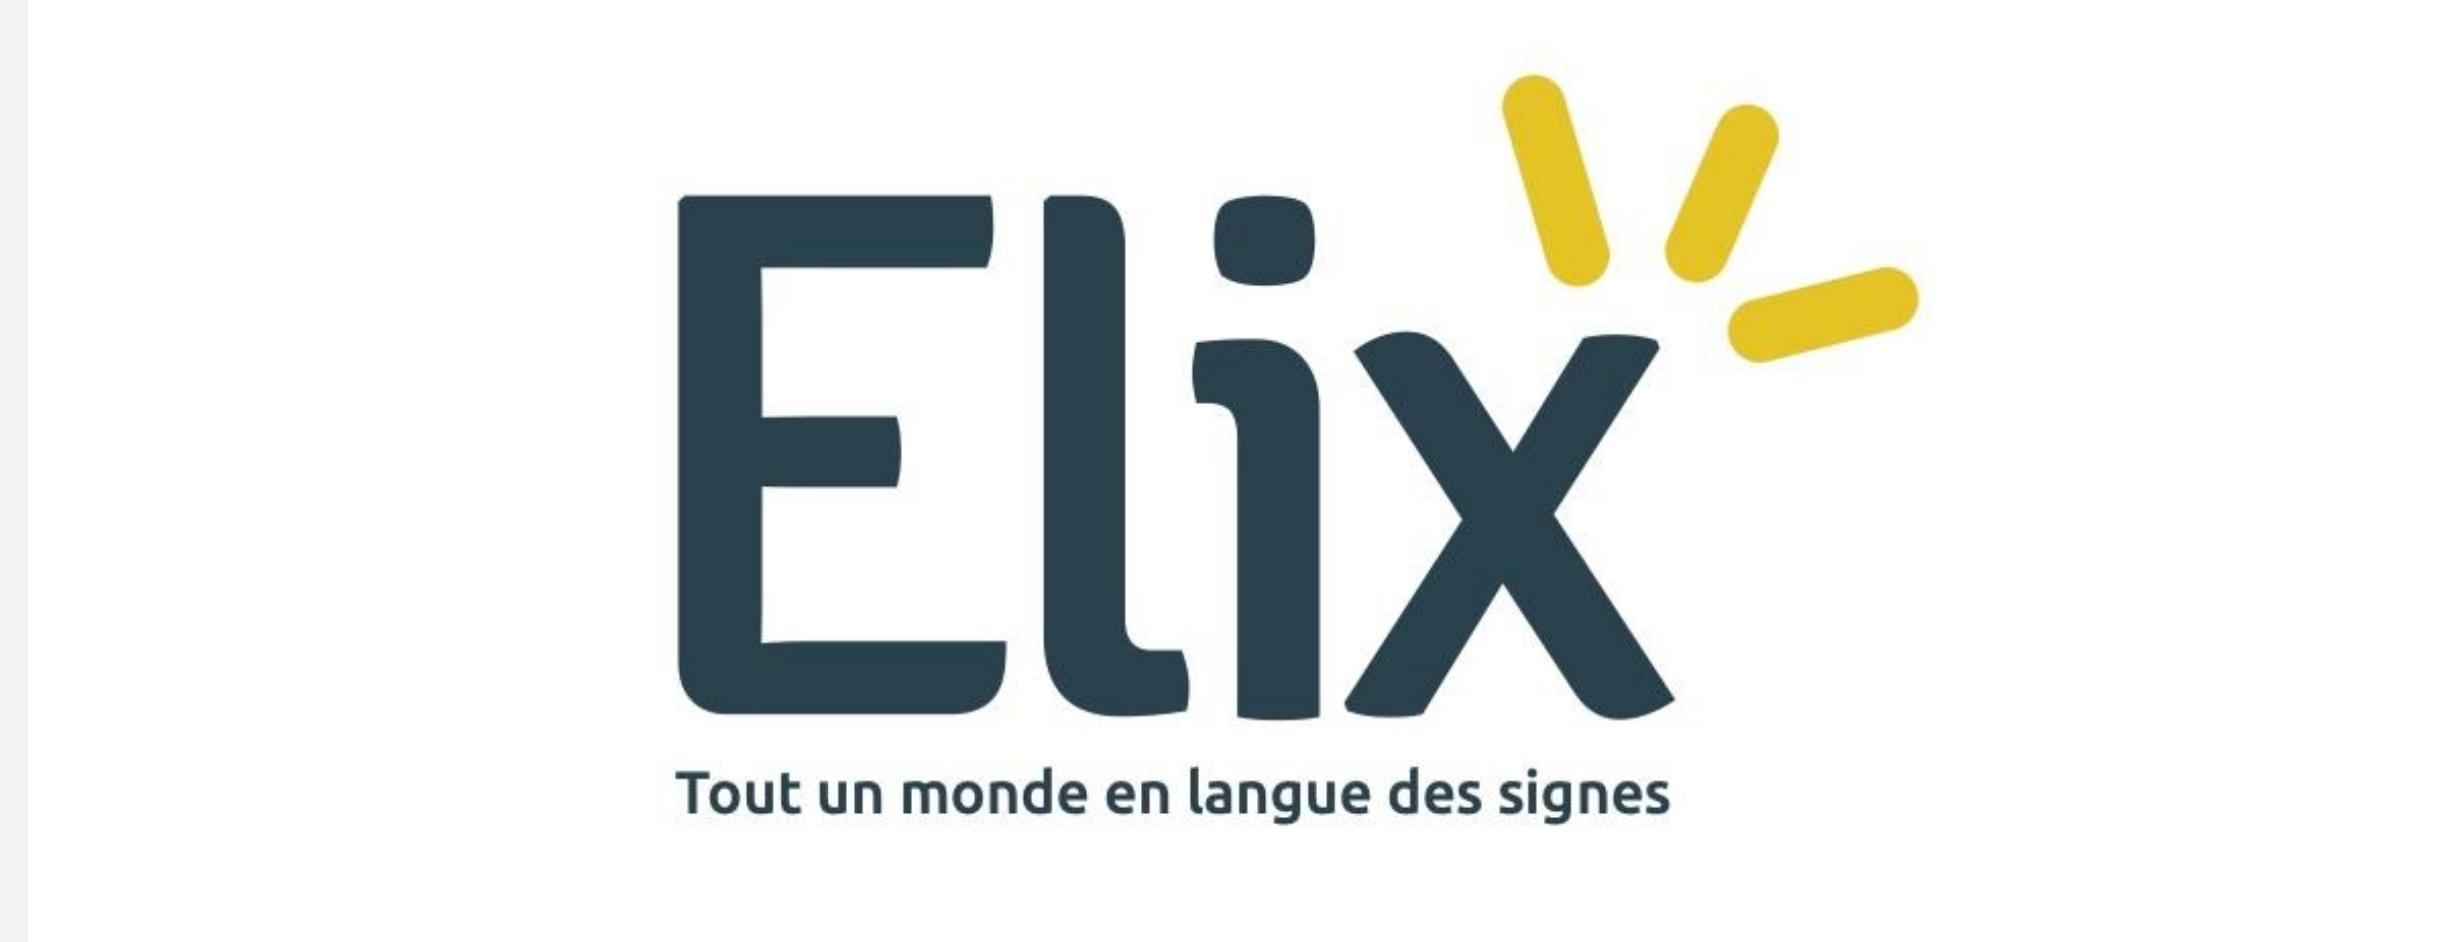 Elix, le dictionnaire de Français en Langue des Signes (LSF)